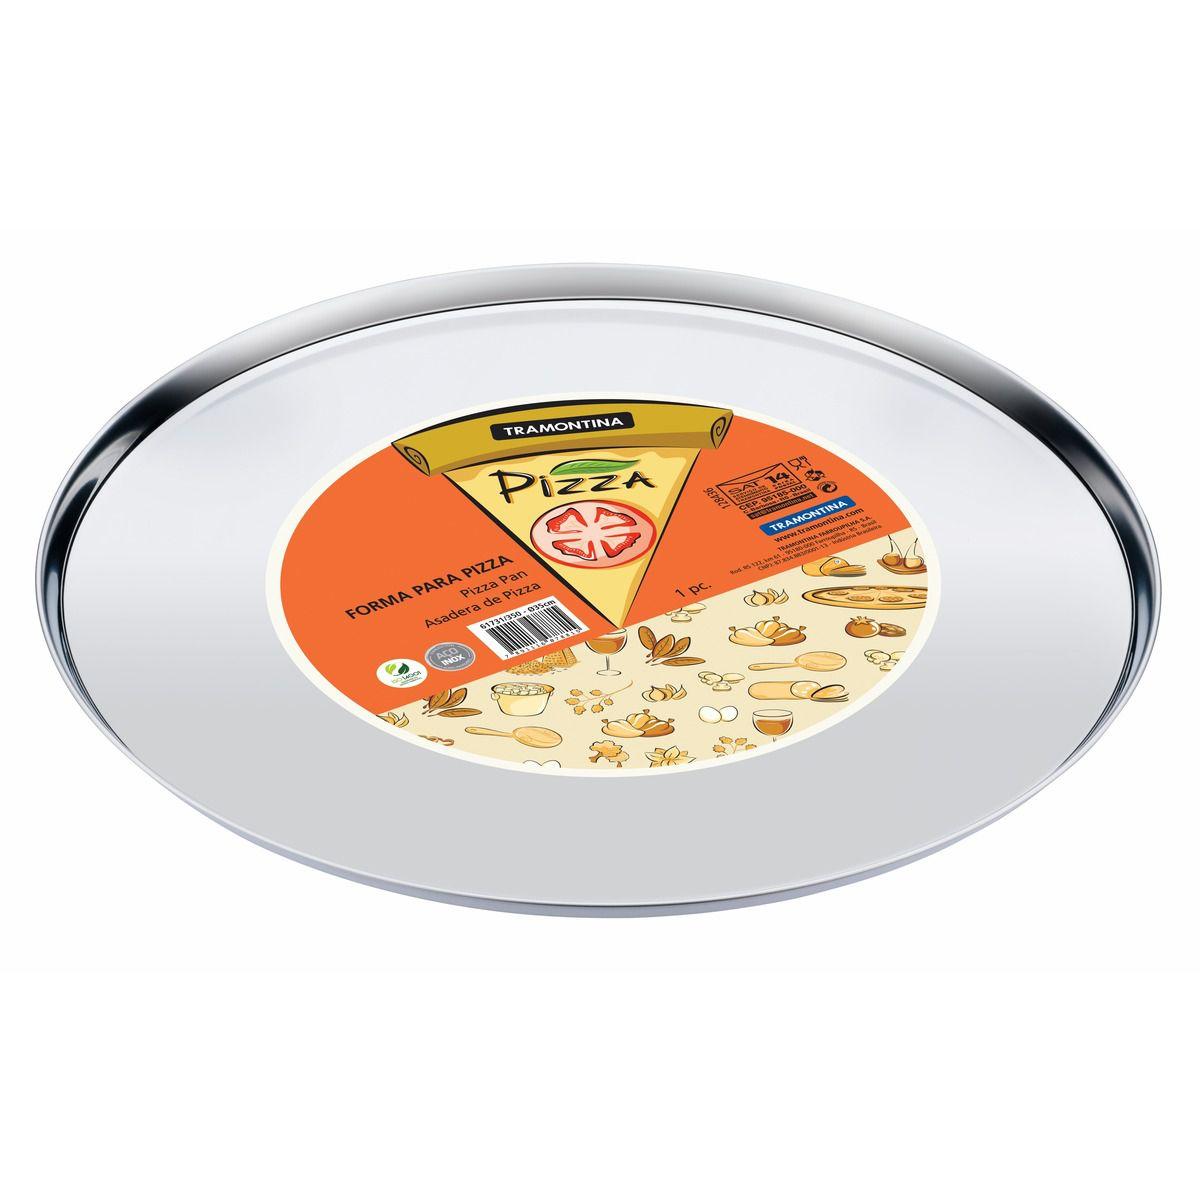 Forma para Pizza Tramontina em Aço Inox 35 cm 61731/350 | Lojas Estrela